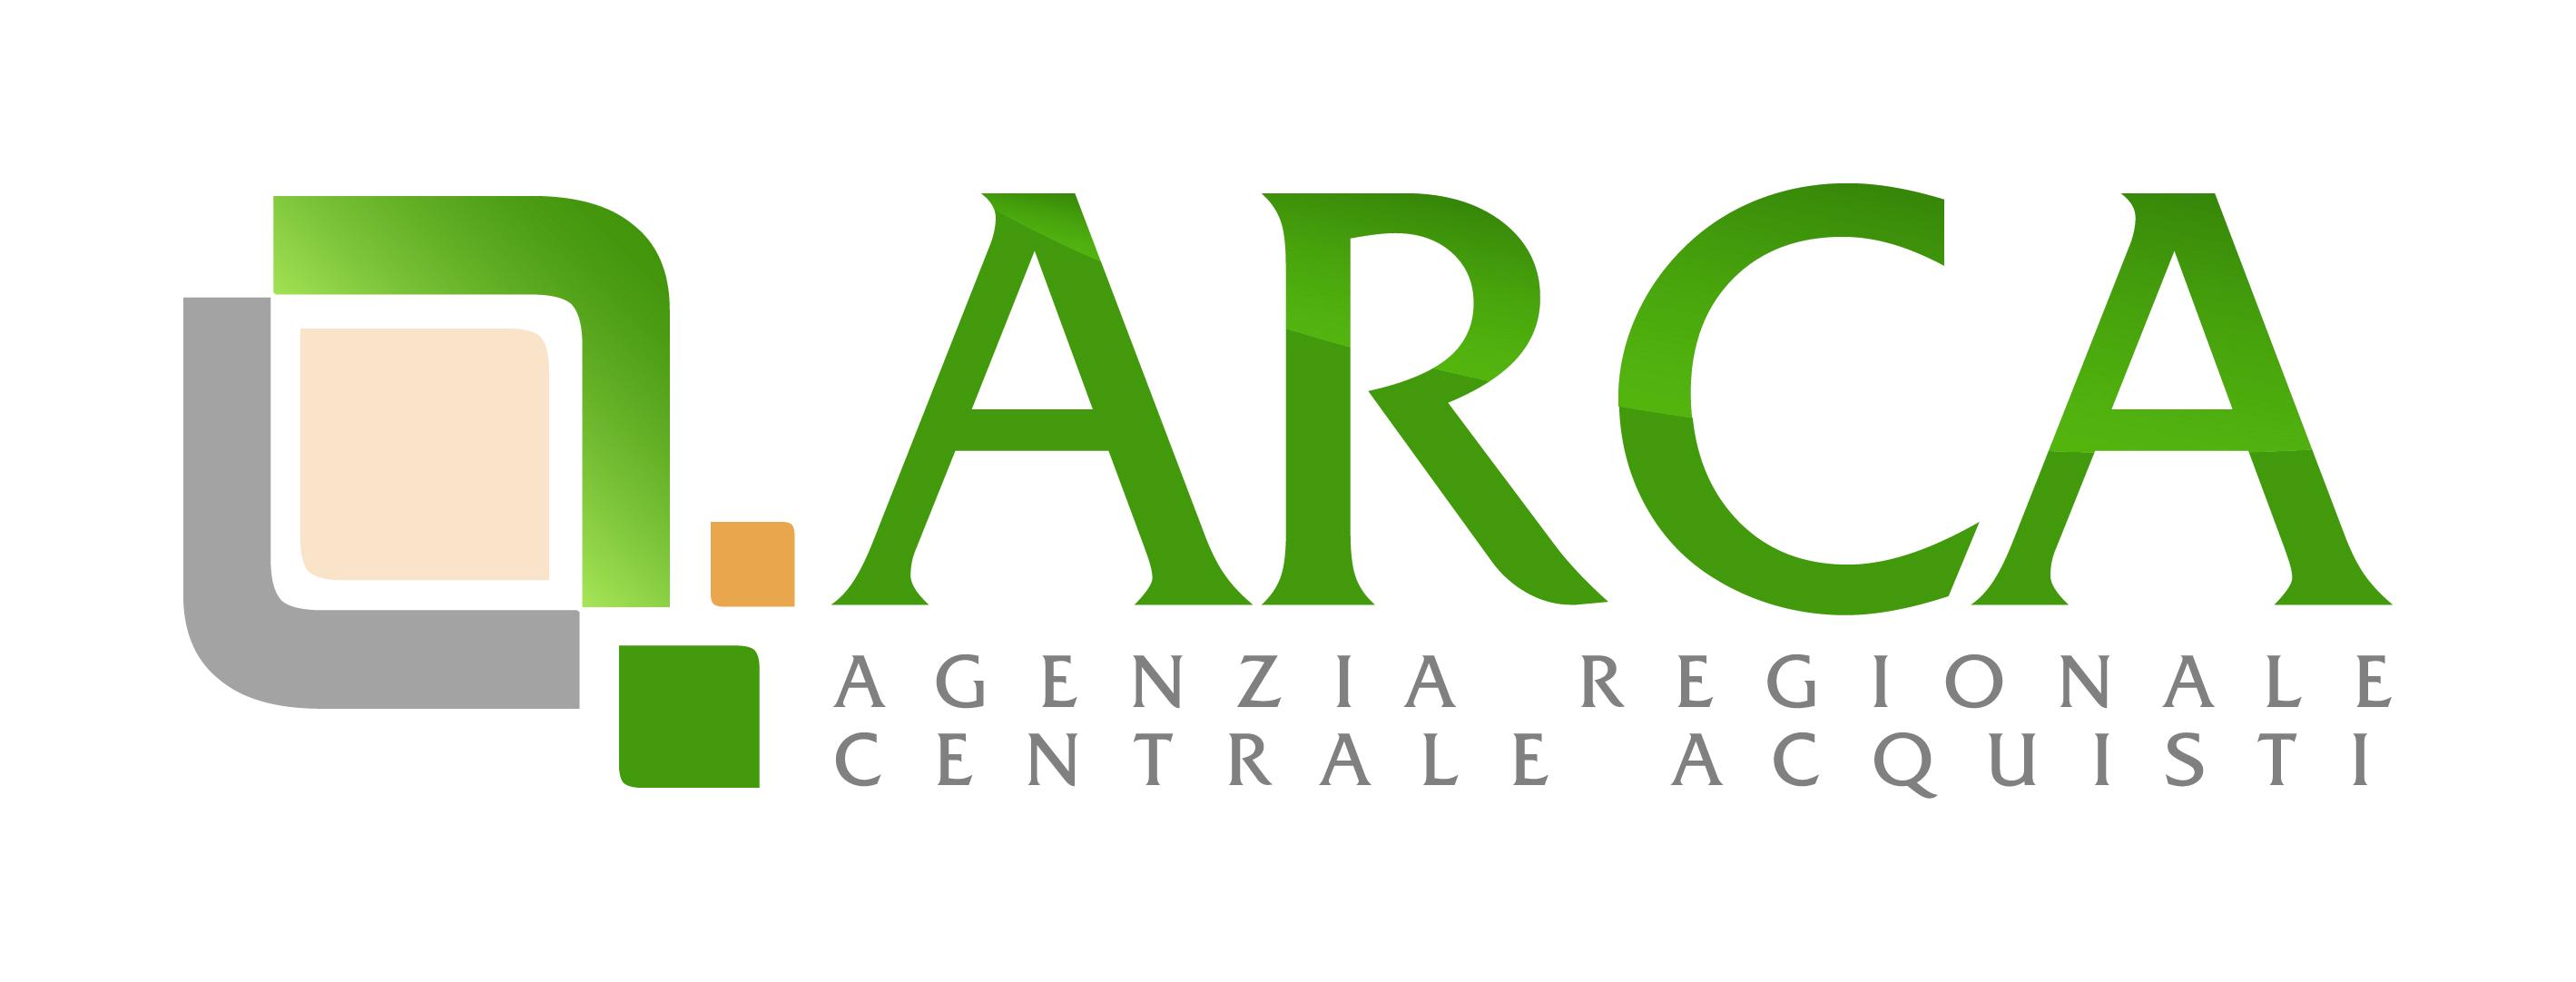 Caos ARCA: fare chiarezza sulle società partecipate